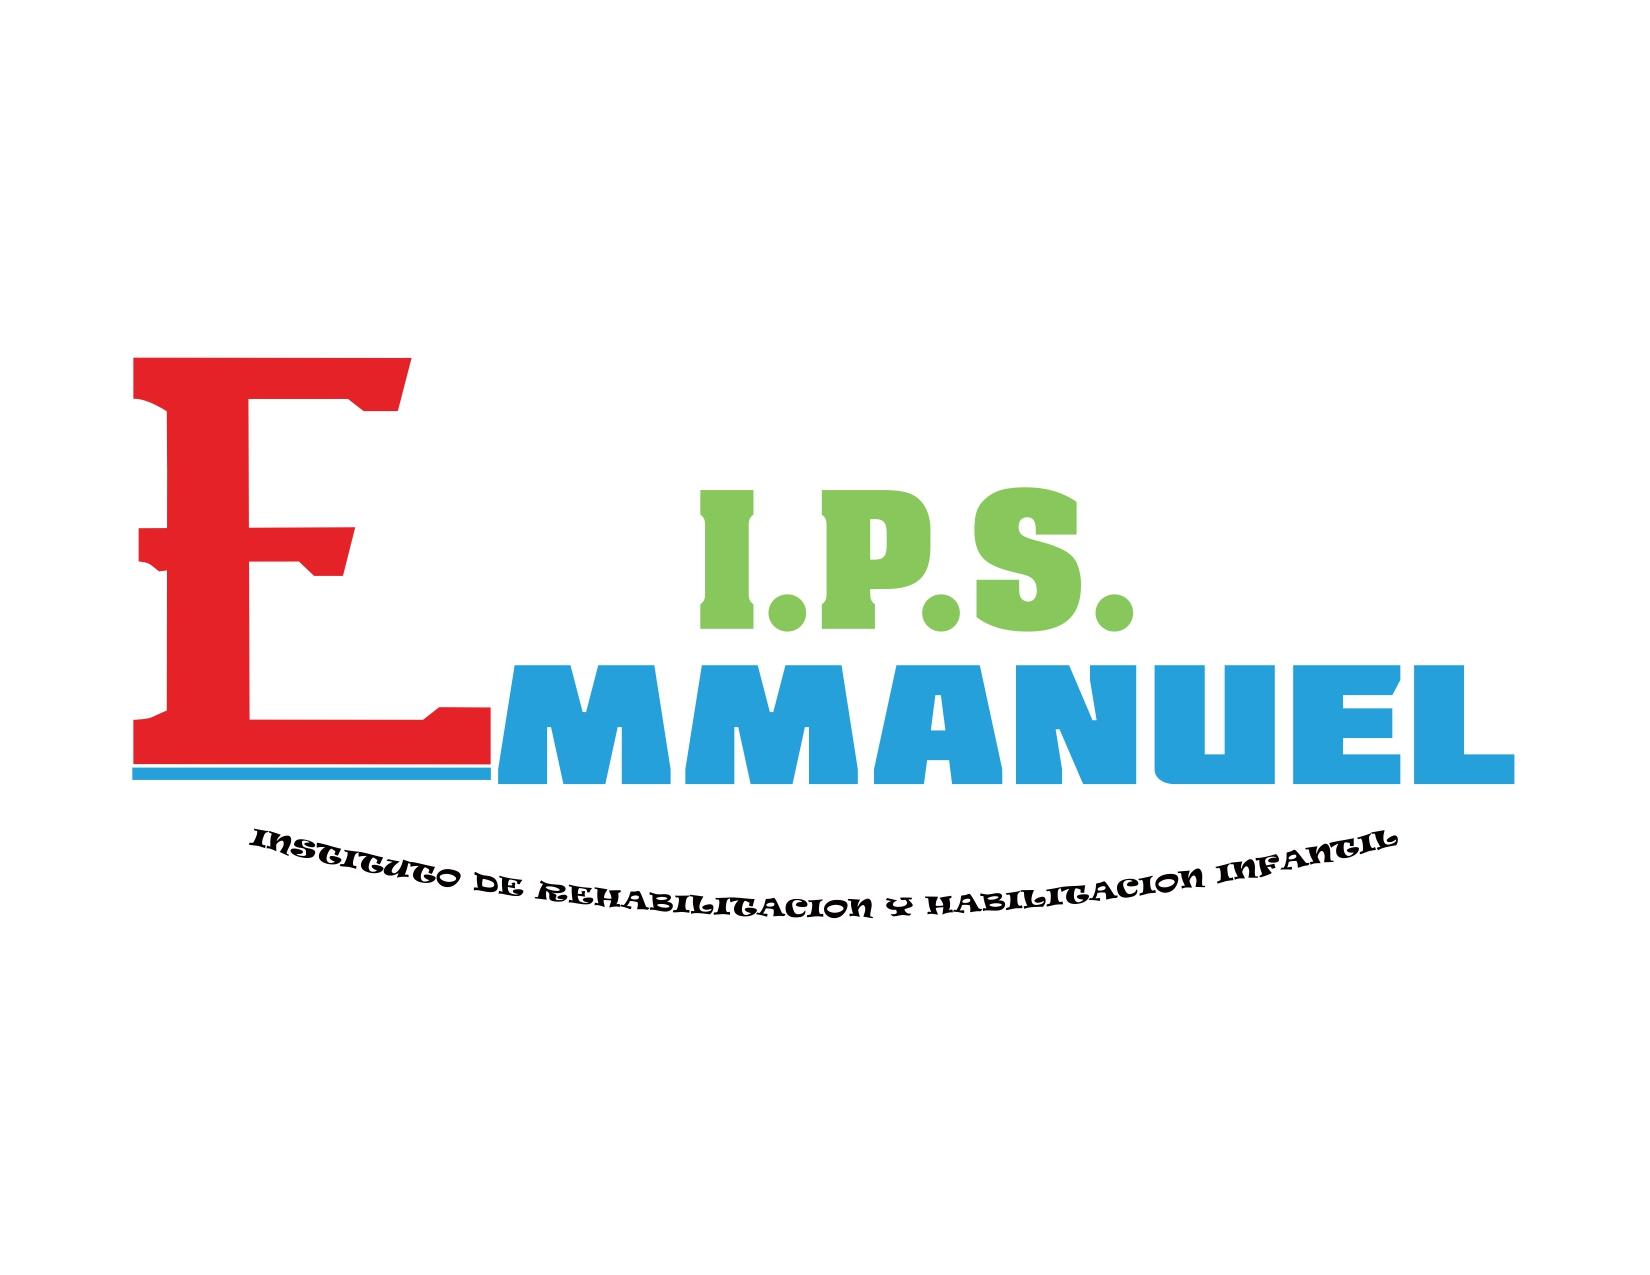 EMMANUEL INSTITUTO DE REHABILITACION Y HABILITACION INFANTIL S.A.S